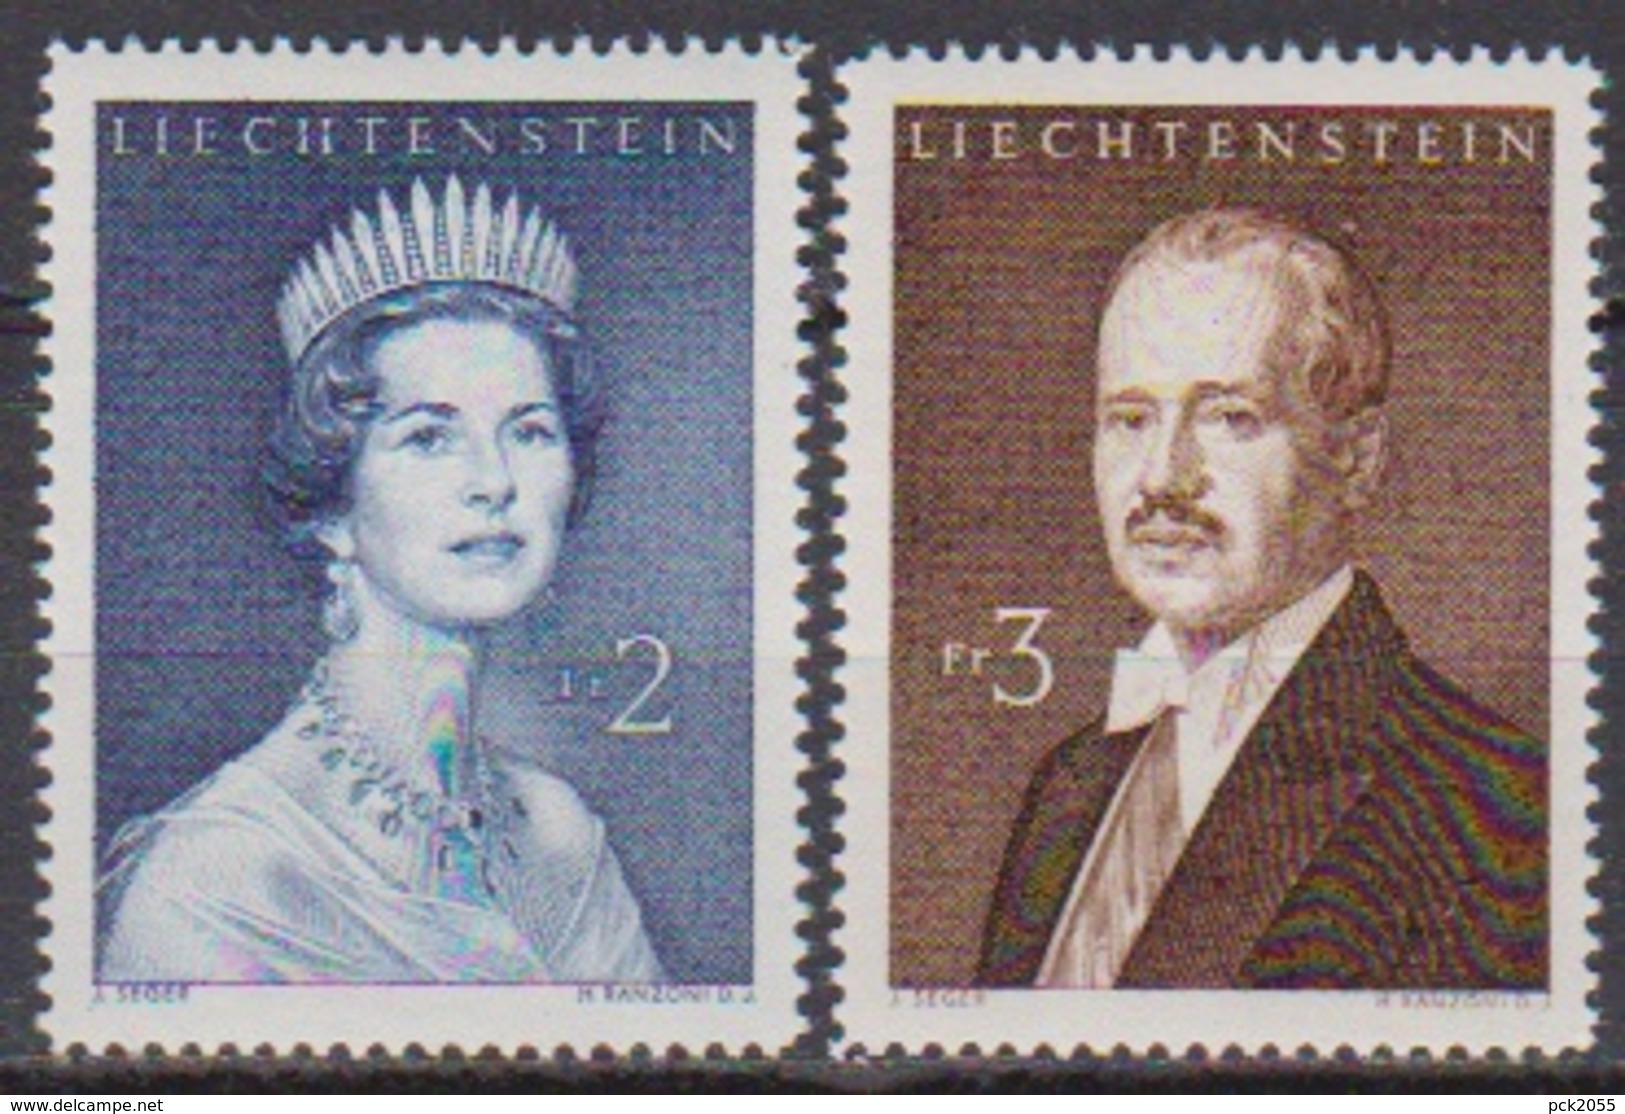 Lichtenstein 1960 MiNr.402 -403 ** Postfr. Fürstenpaar ( 8160 ) Günstige Versandkosten - Liechtenstein